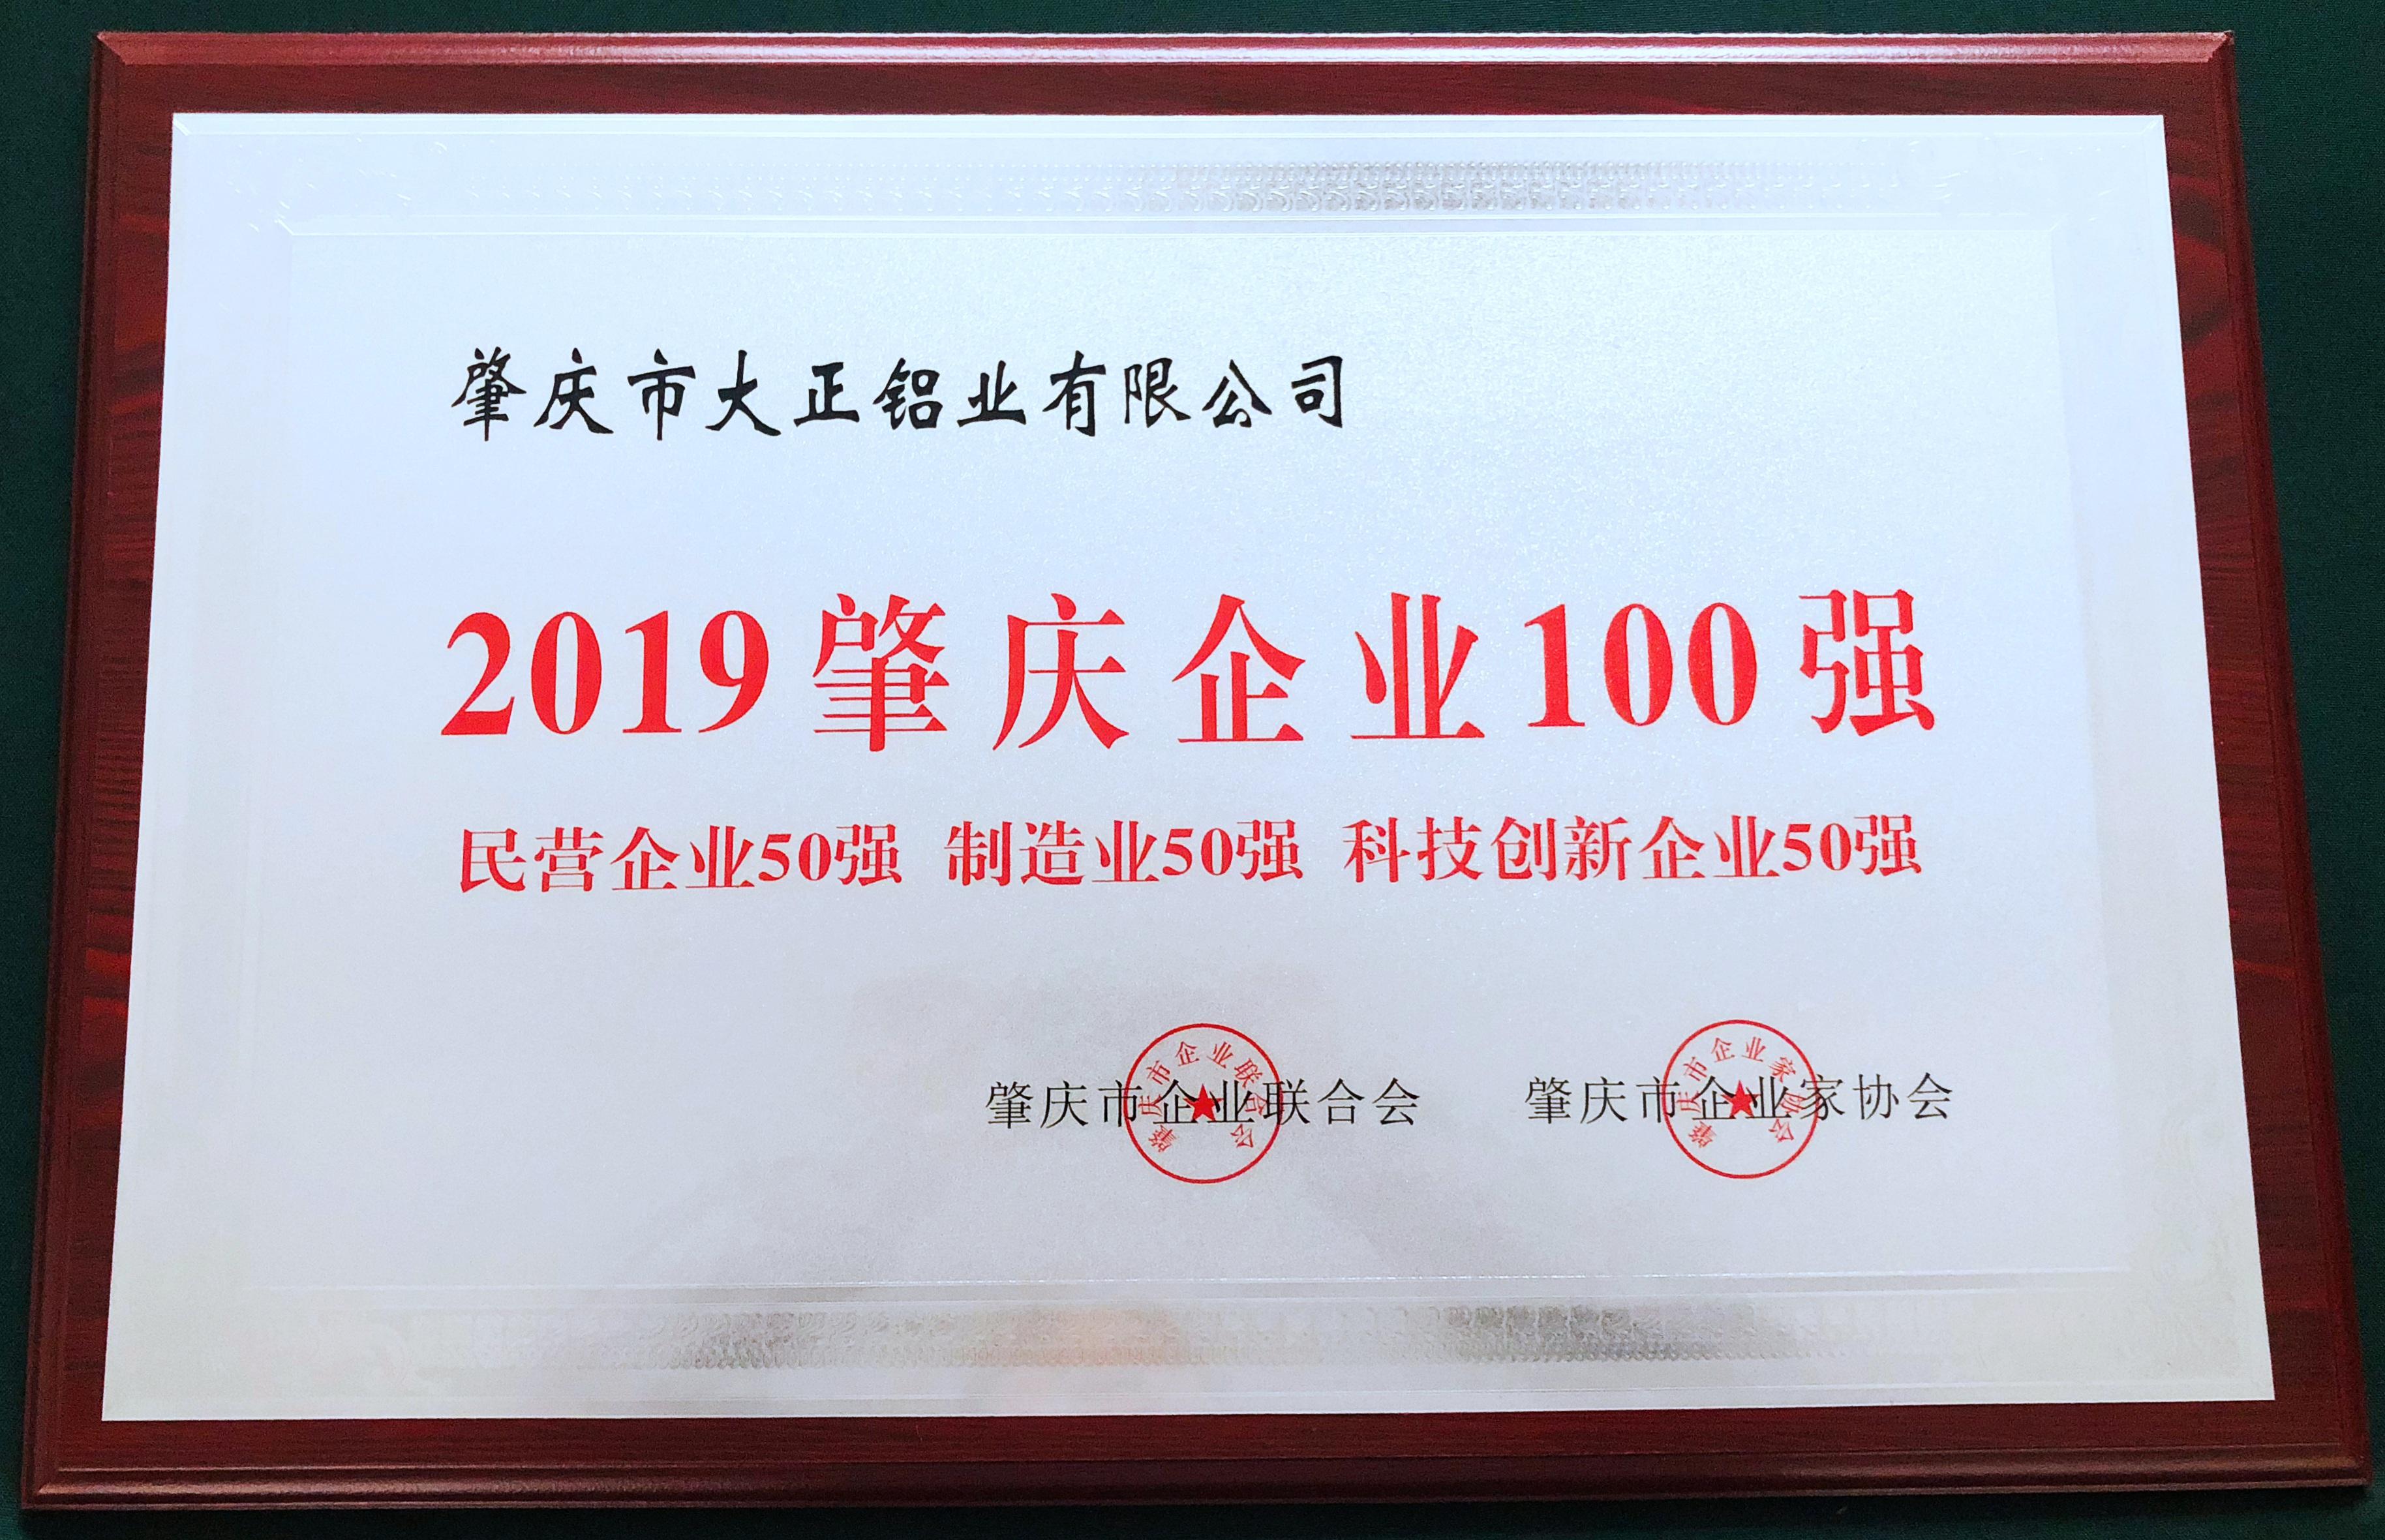 2019肇庆企业100强  民营企业50强   科技创新50强